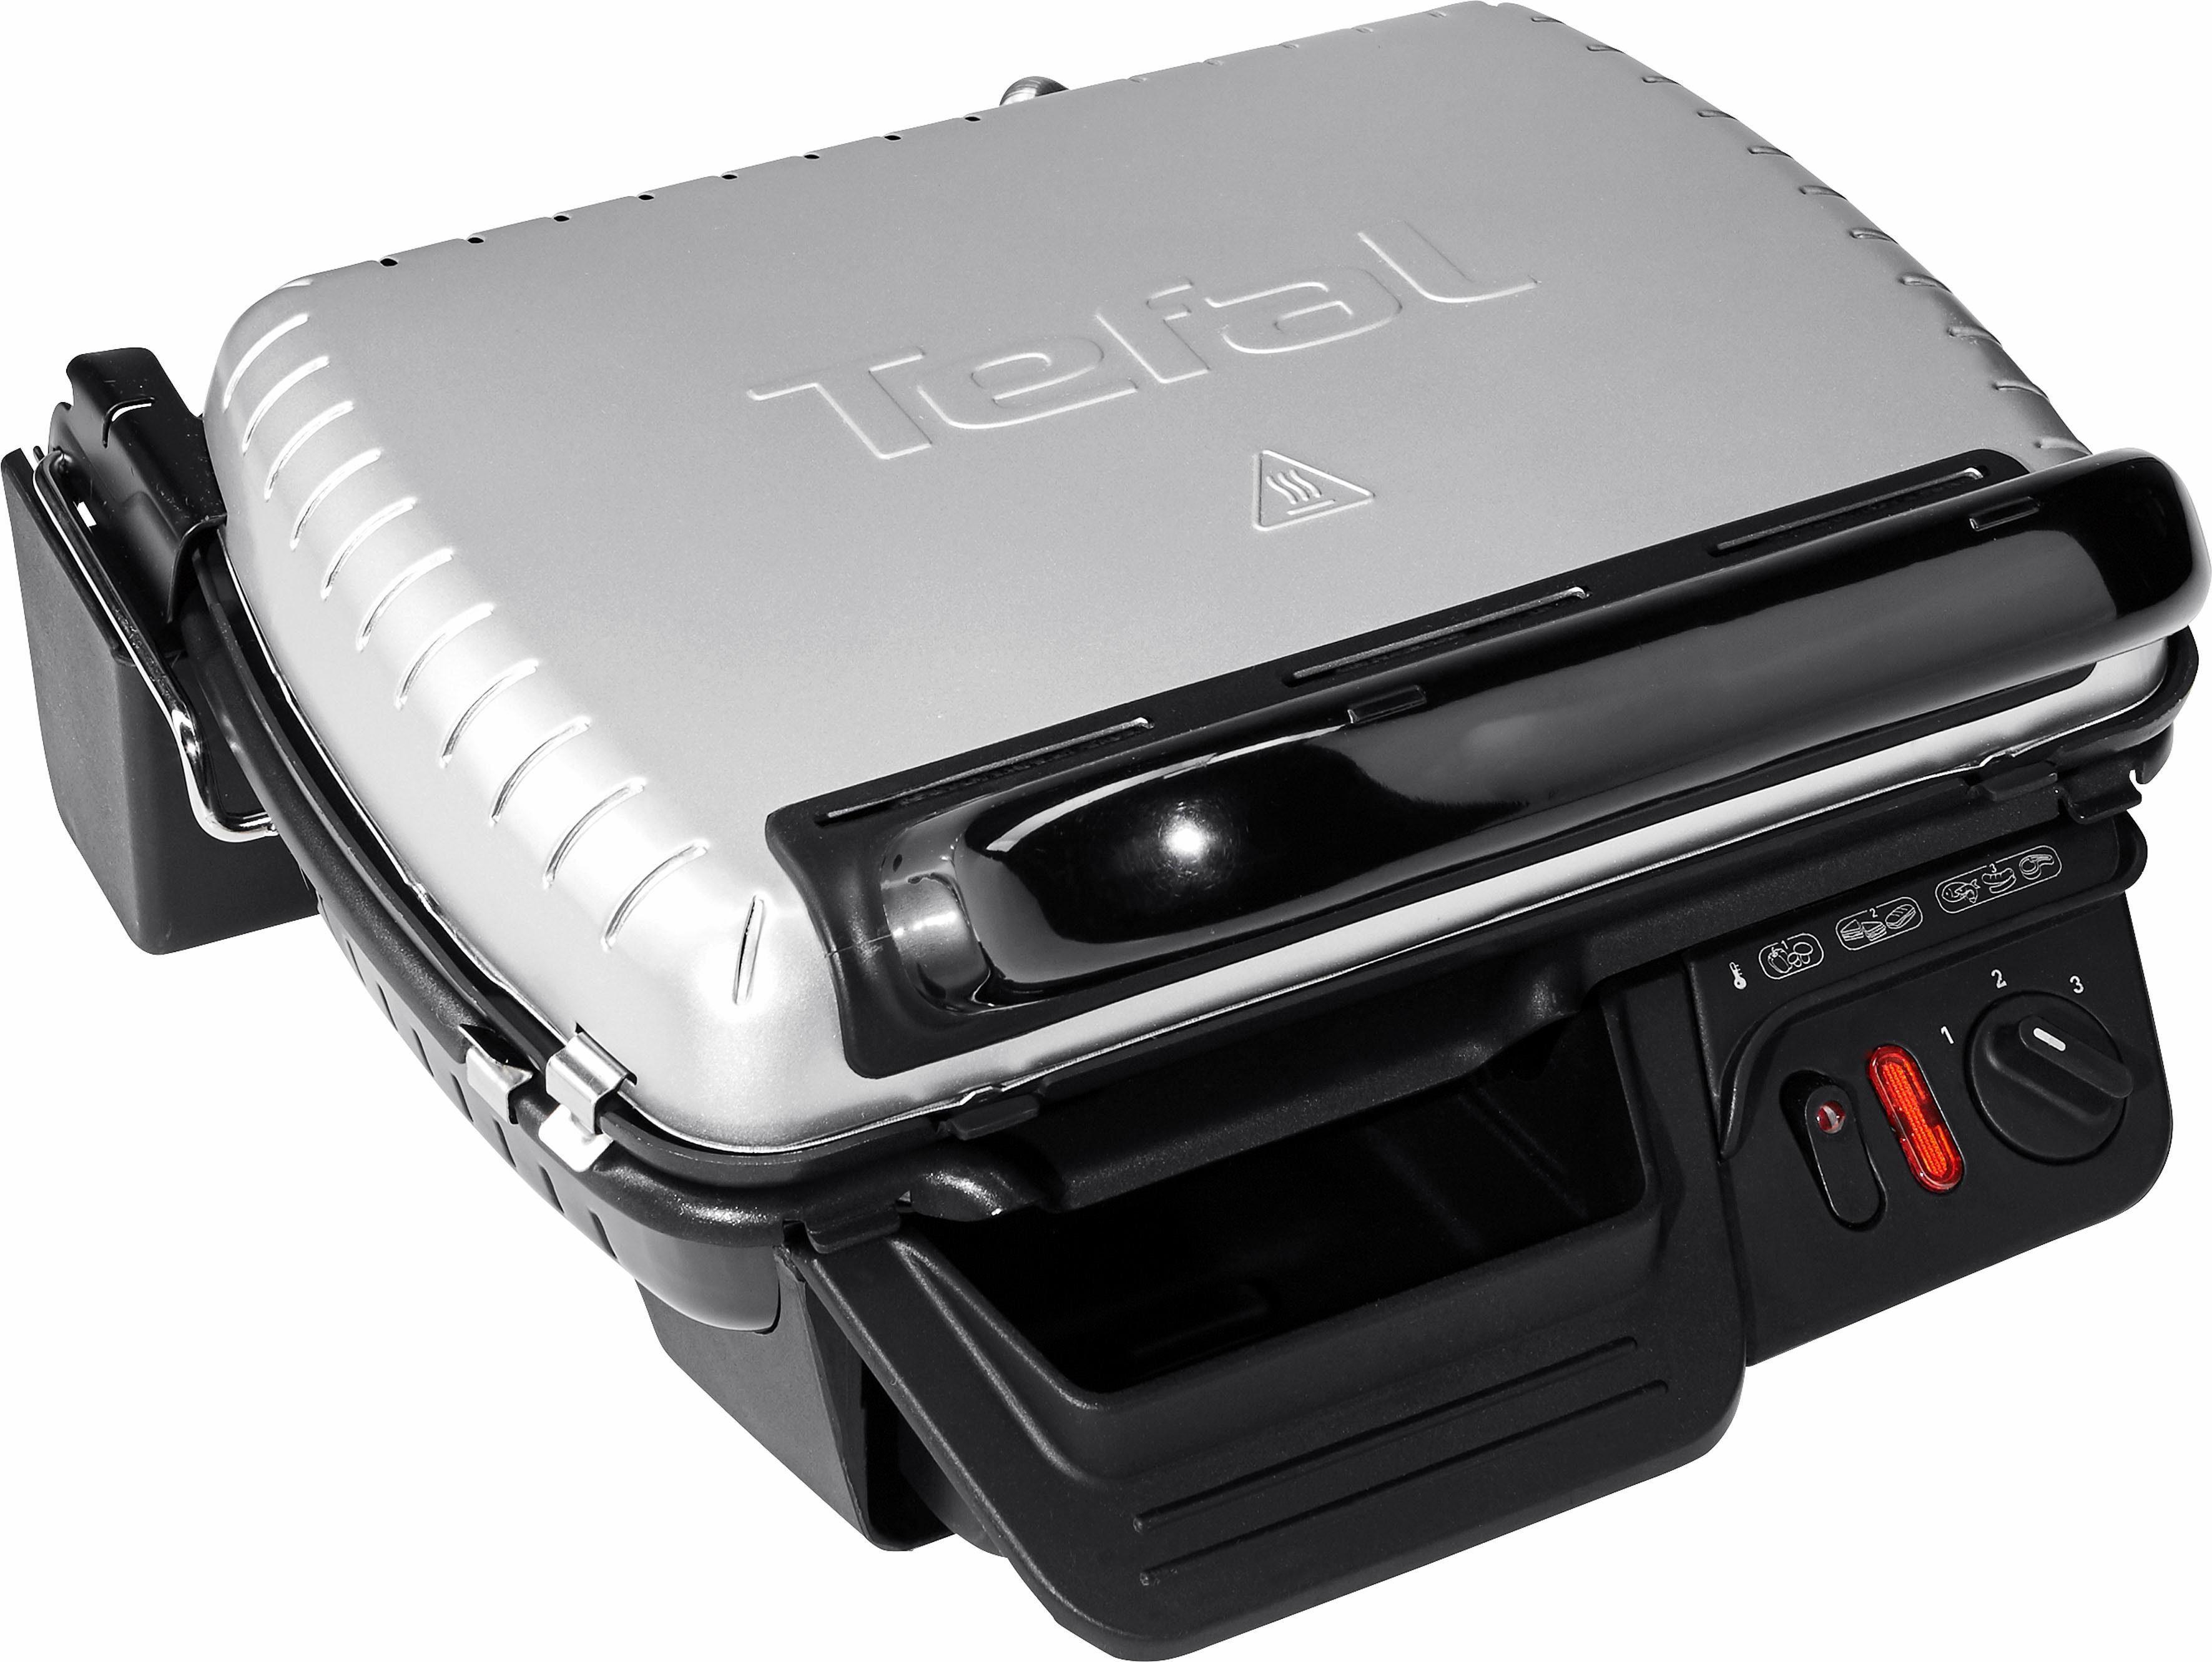 Tefal Kontaktgrill 2 in 1 GC3050, 2000 Watt, wärmeisoliertes Metall-Gehäuse